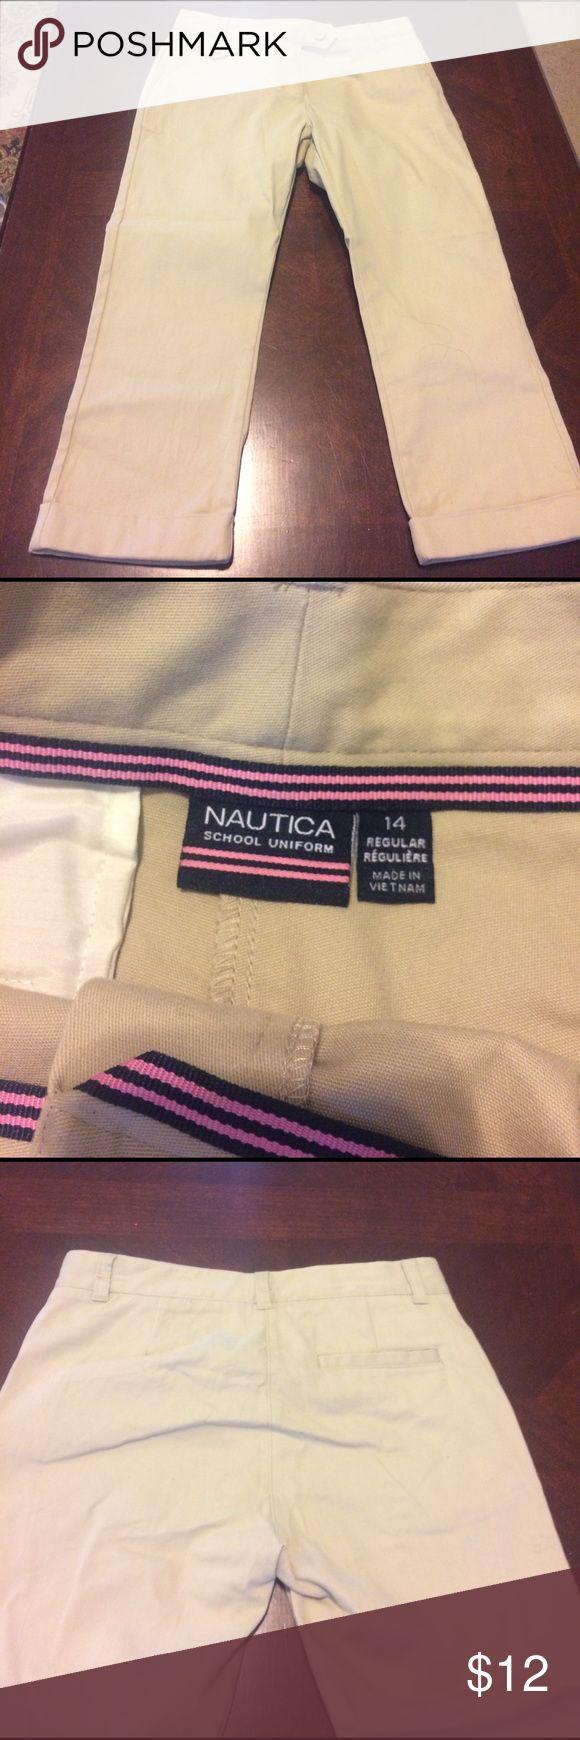 NWOT Nautica khakis NWOT Nautica tan kaki Capri pants Nautica Bottoms Casual